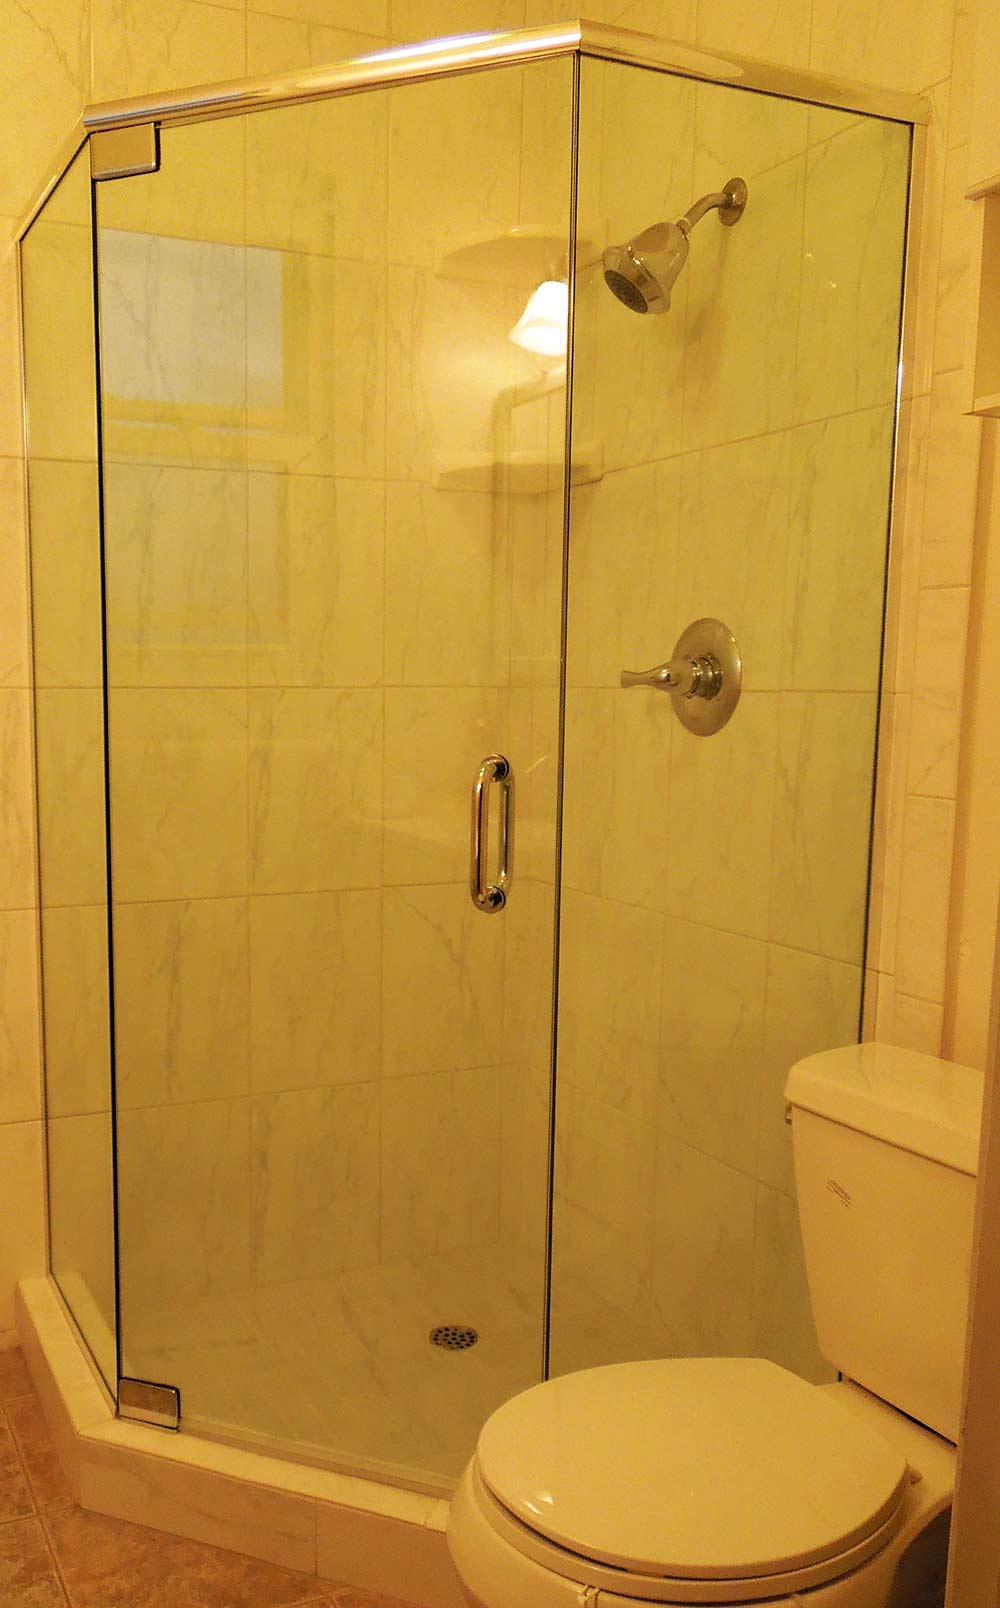 Glass Sliding Doors Removing Shower Glass Sliding Doors